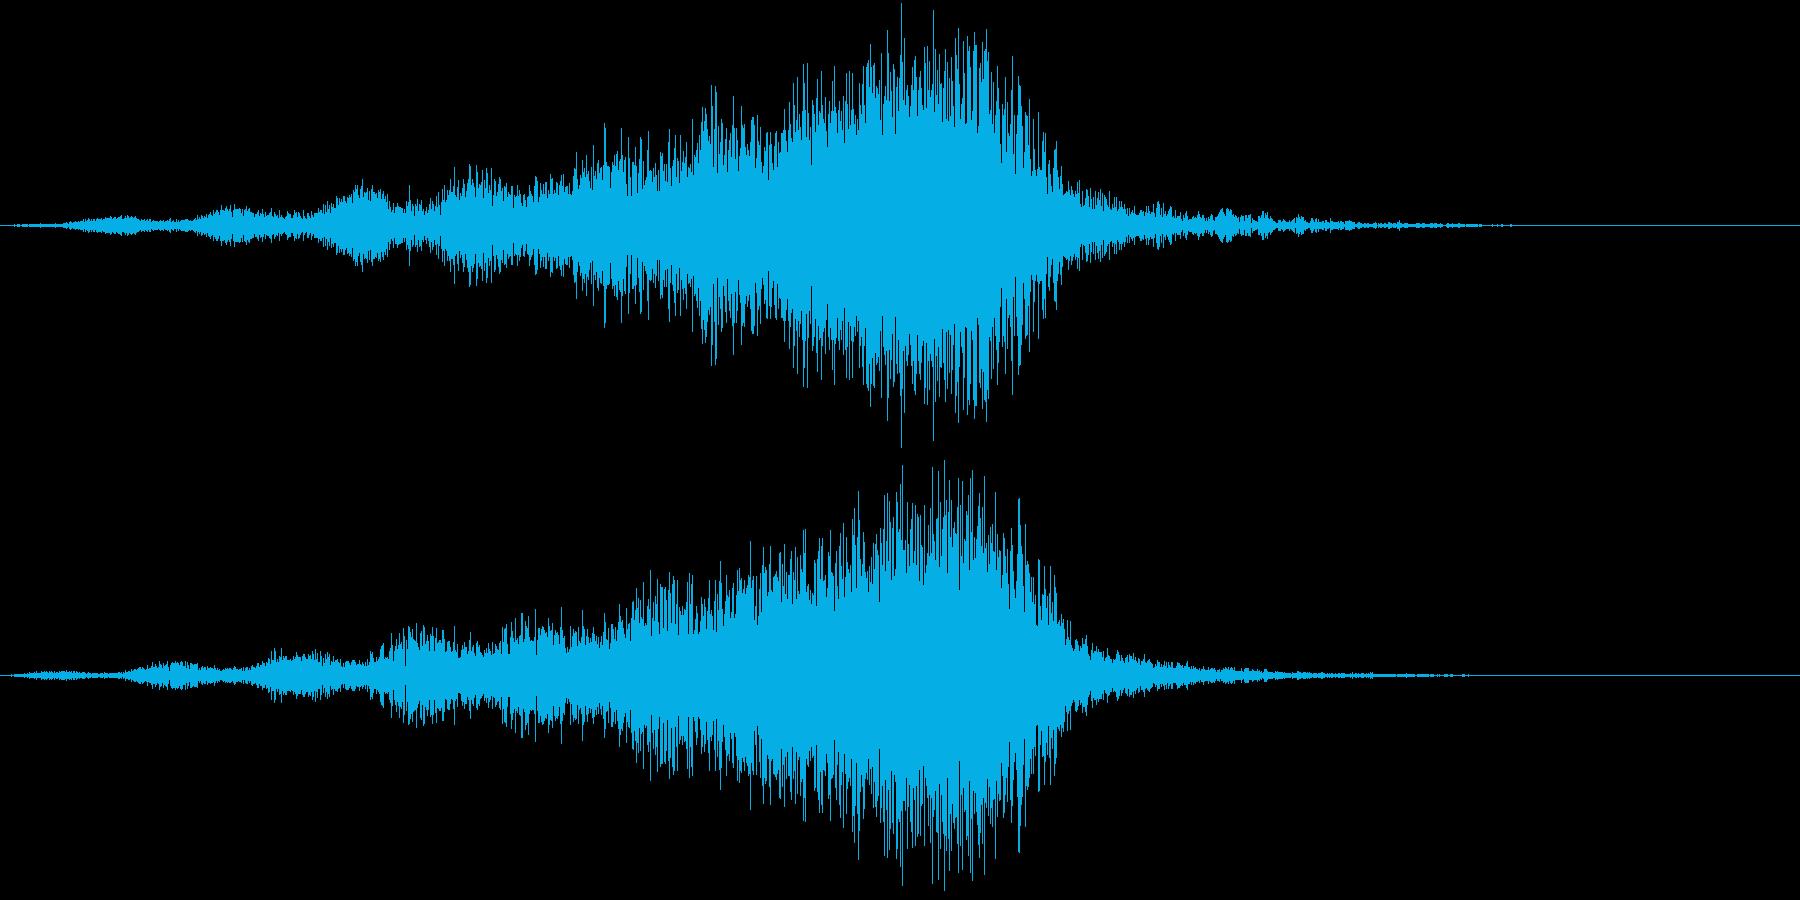 【映画演出】Sci-Fi ライザー_24の再生済みの波形